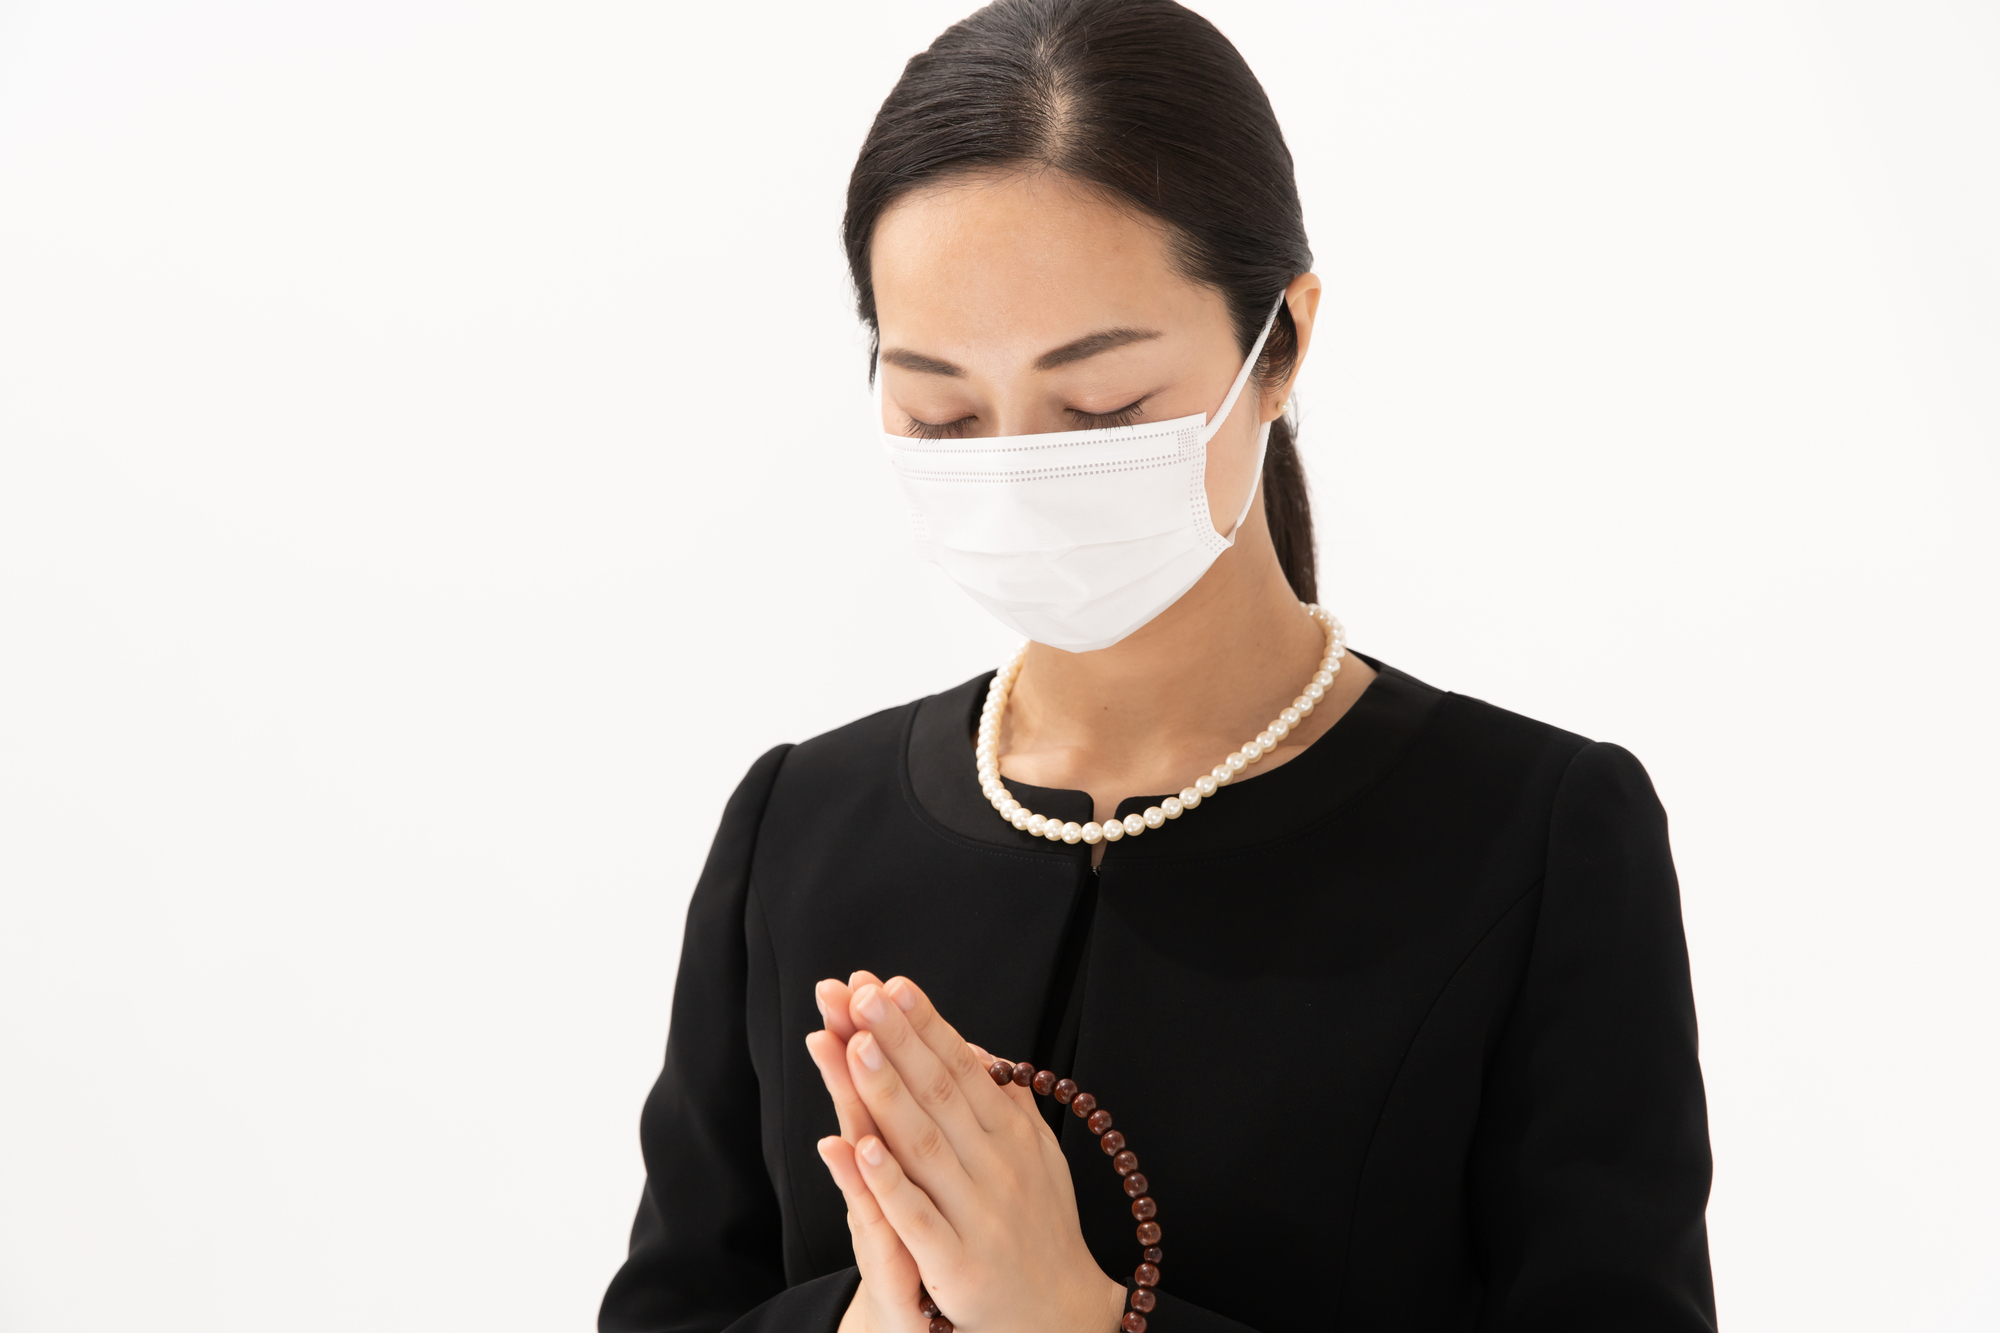 コロナ禍での葬儀、服装マナーはどうすればいい?敬意を表すことが大切